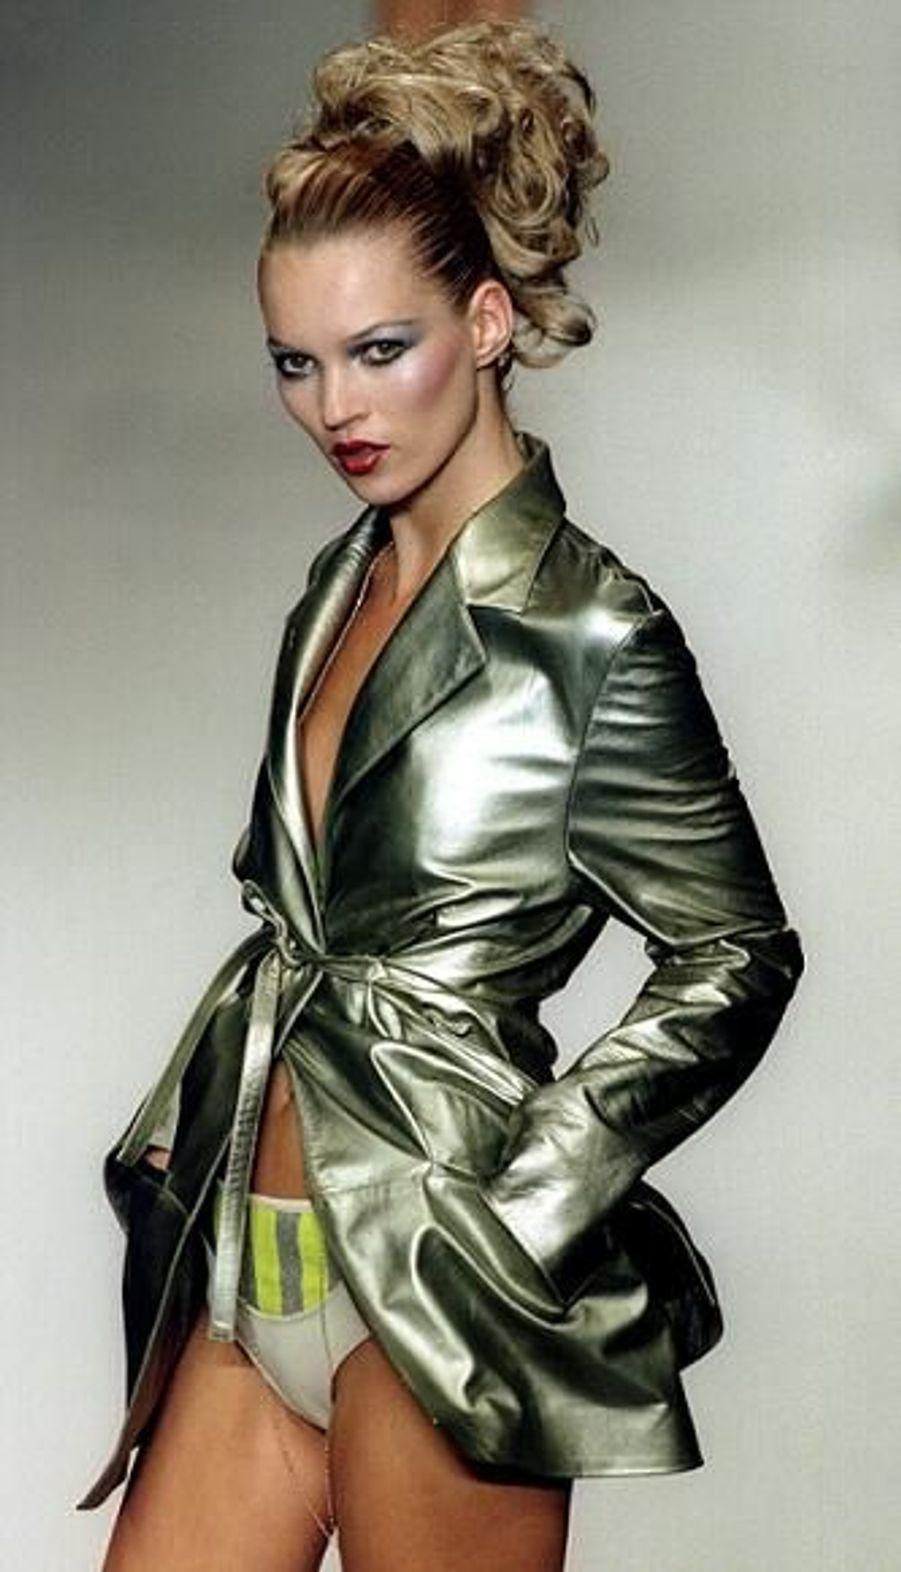 Les couturiers se l'arrachent. La même année, en 1996, elle défile également pour Karl Lagerfeld.